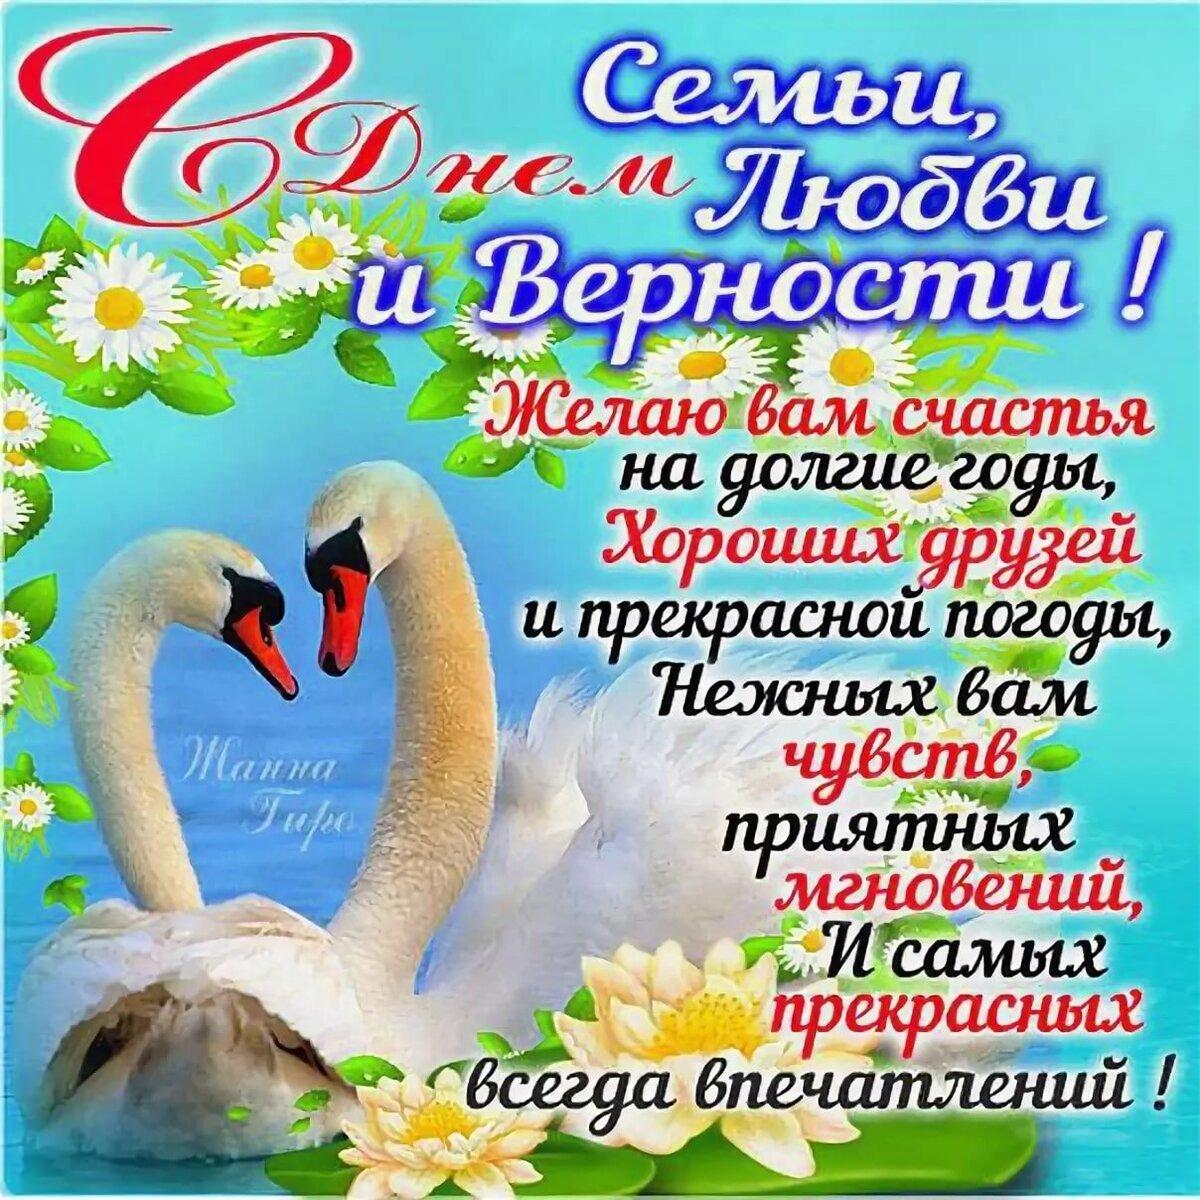 Поздравительную открытку с днем семьи любви и верности